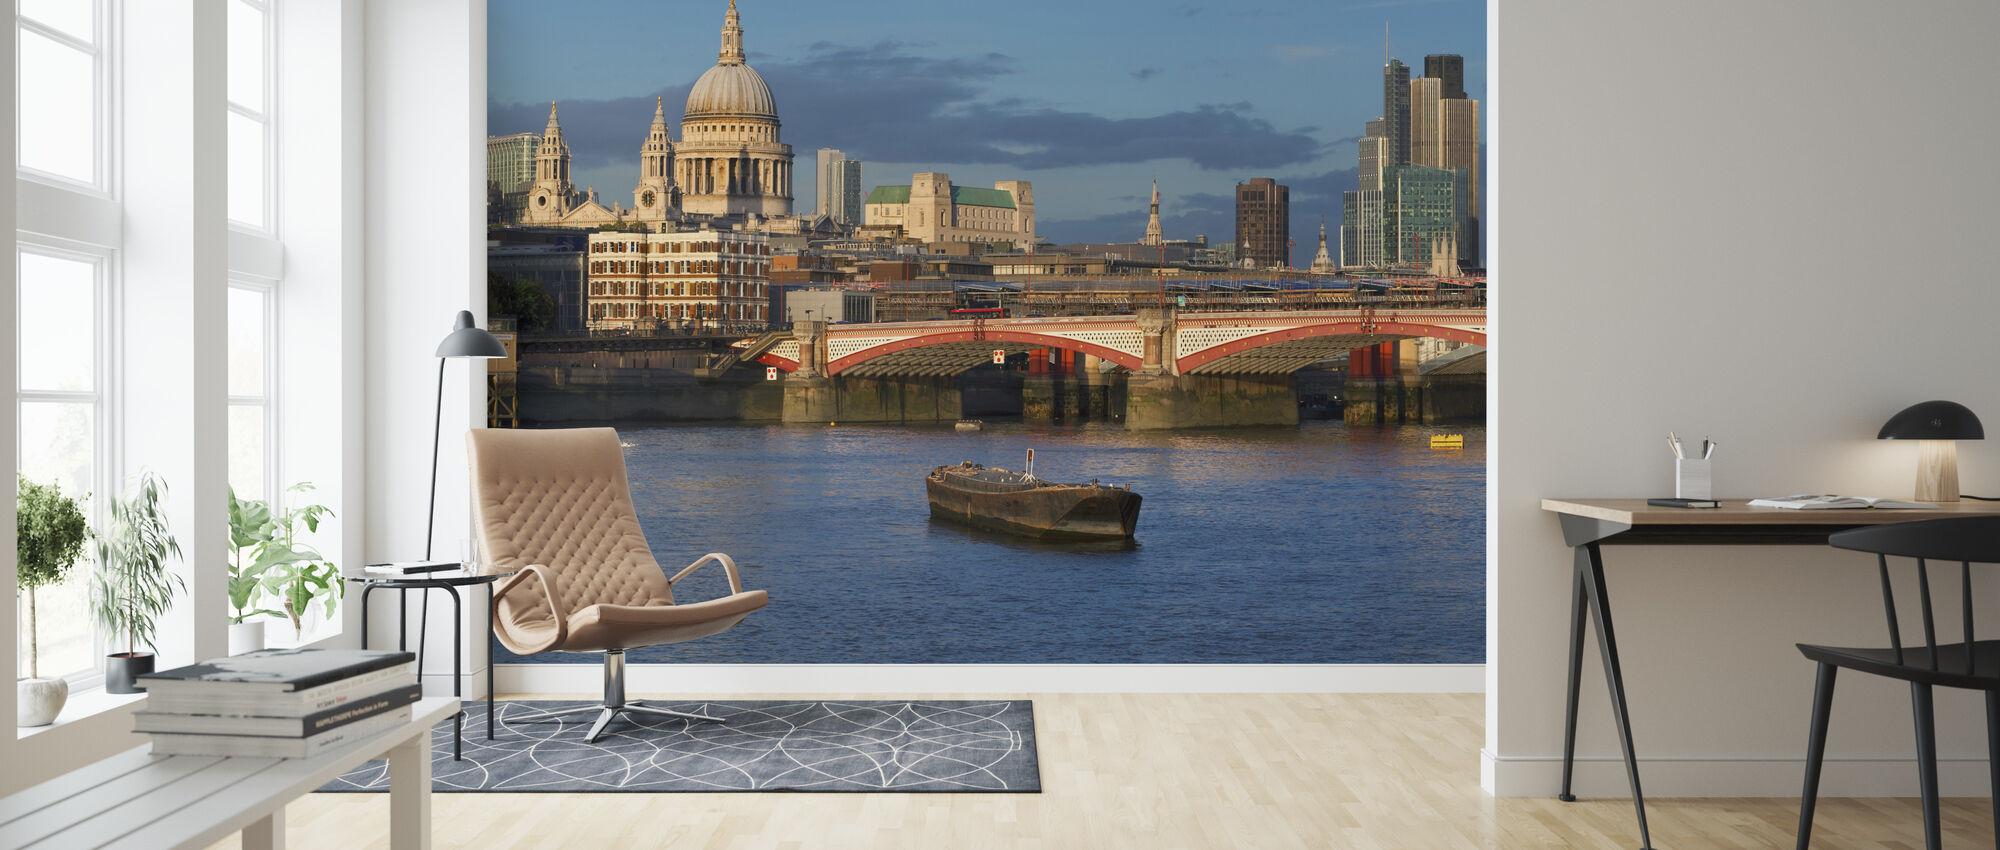 Thames Landscape - Wallpaper - Living Room